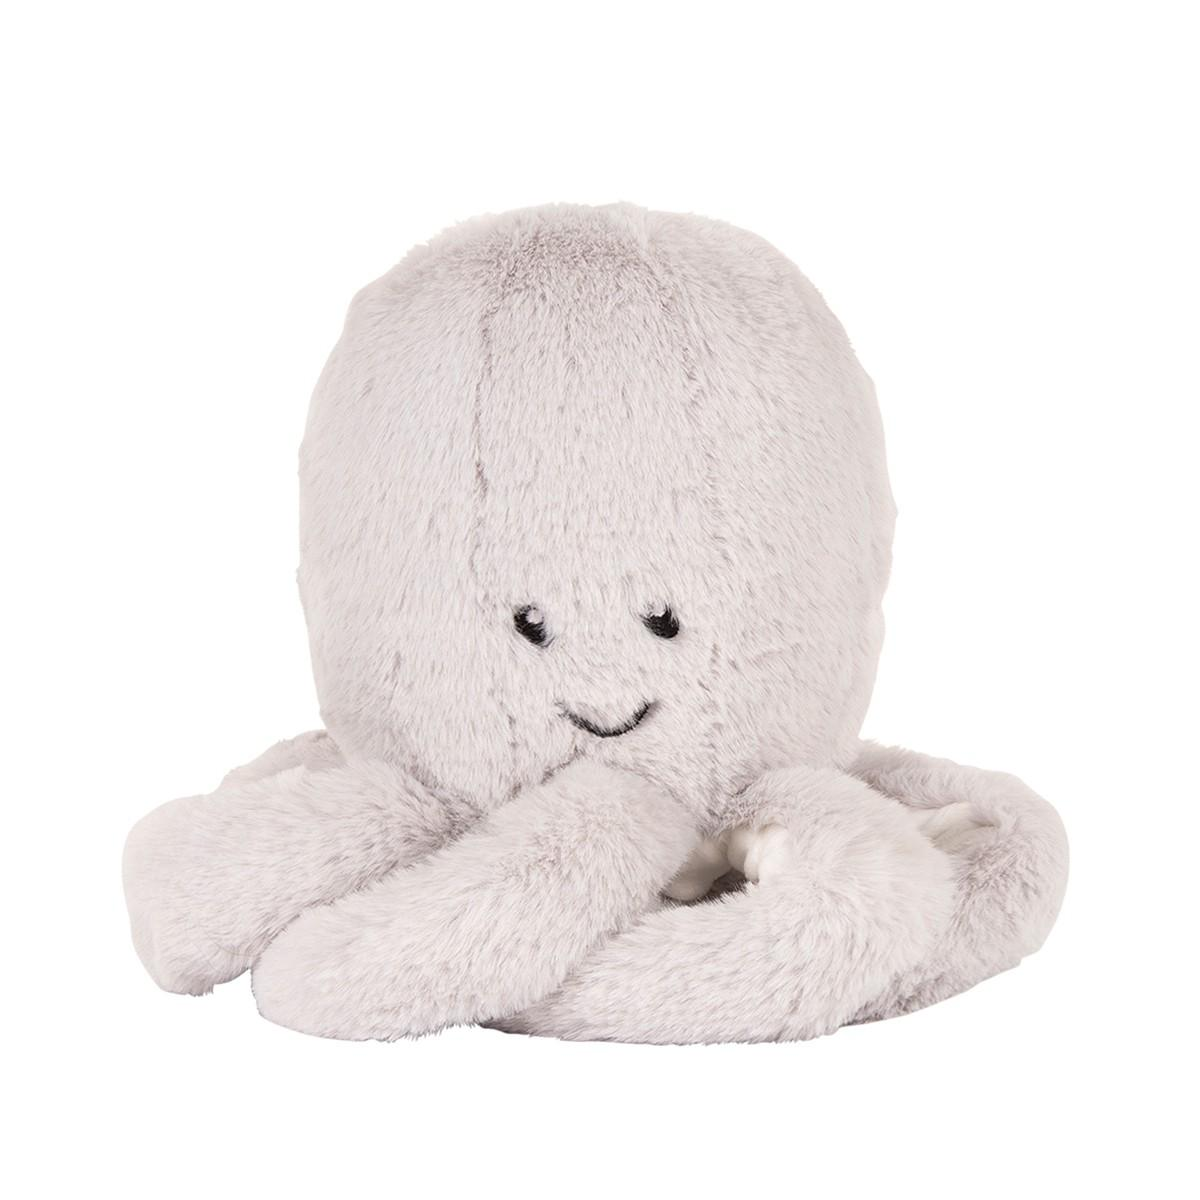 Flow - Hartslag comforter - Olly the octopus - grijs